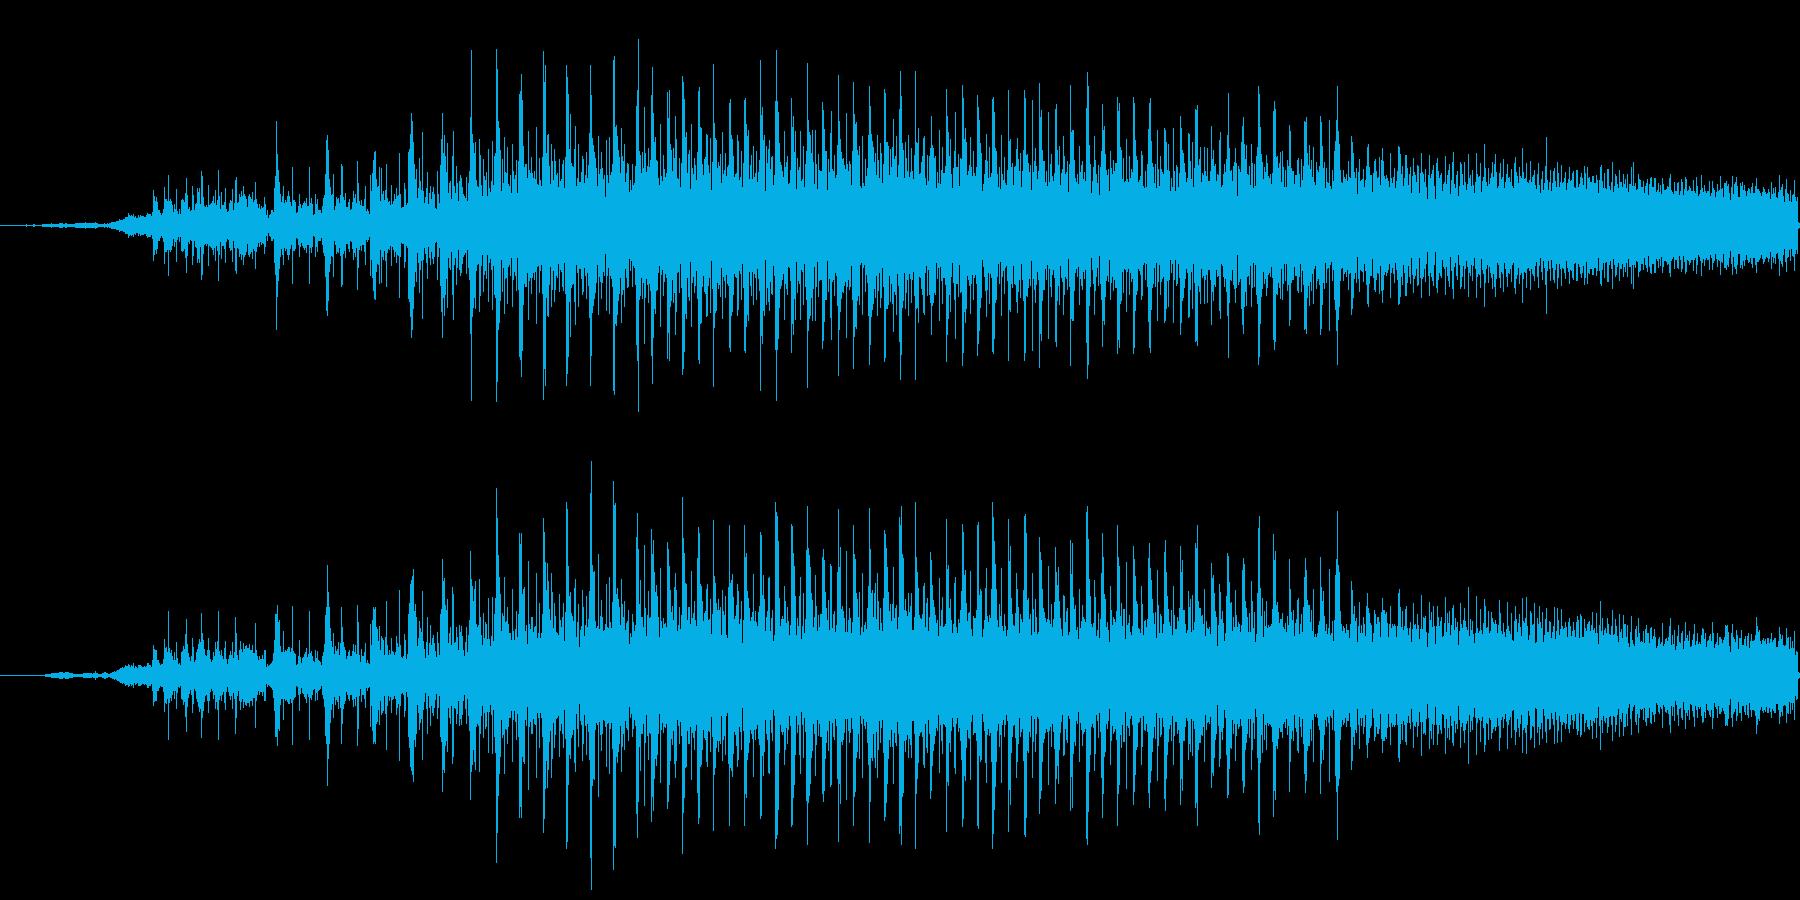 チェーンソーの起動の再生済みの波形